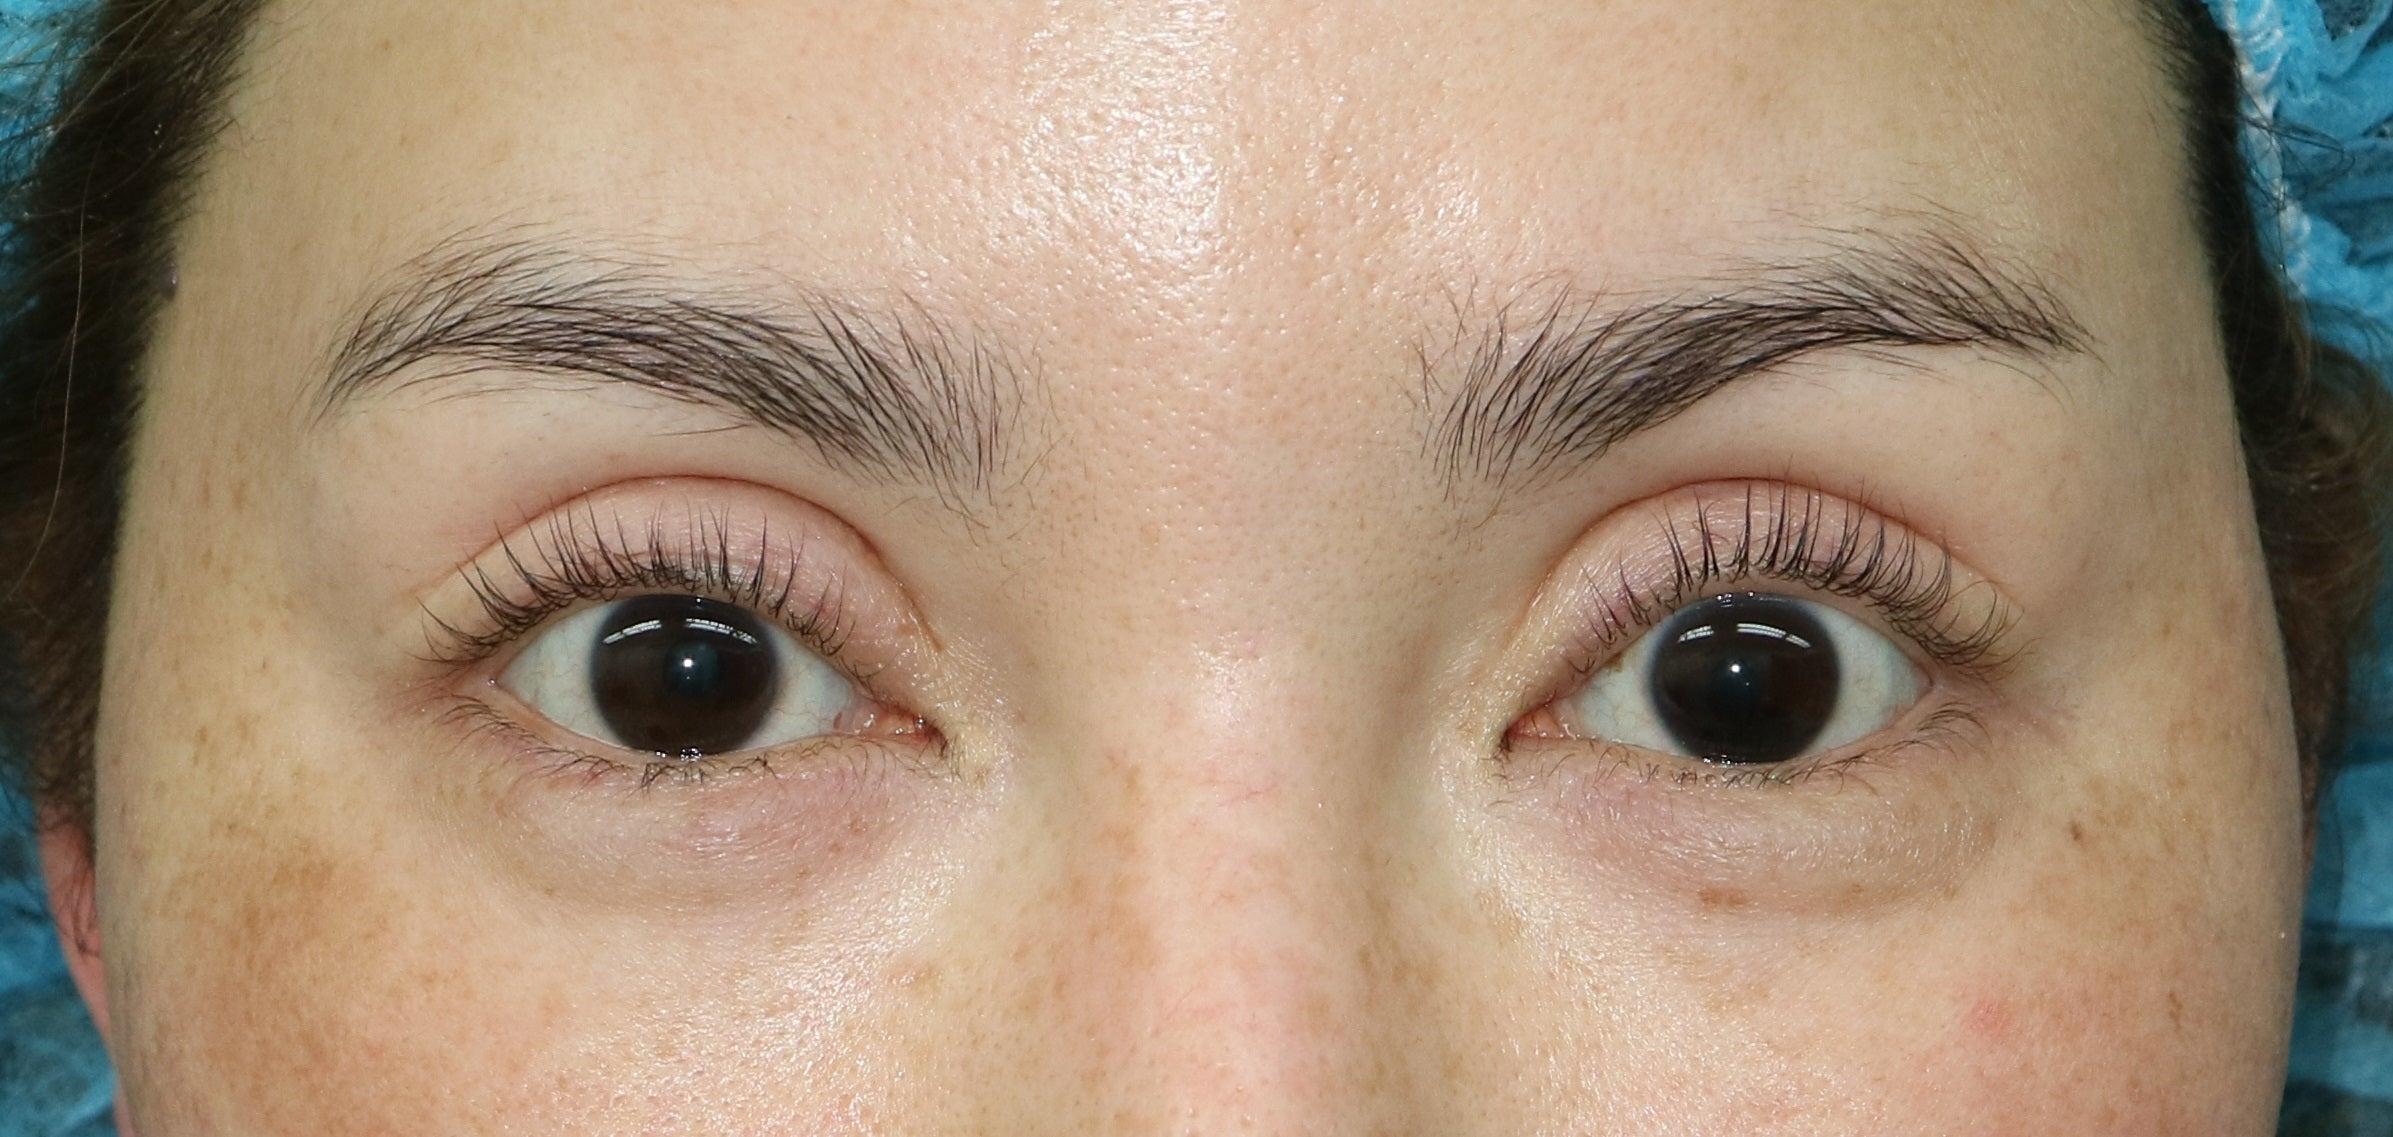 グラマラスライン手術と目尻切開で雰囲気を変える!